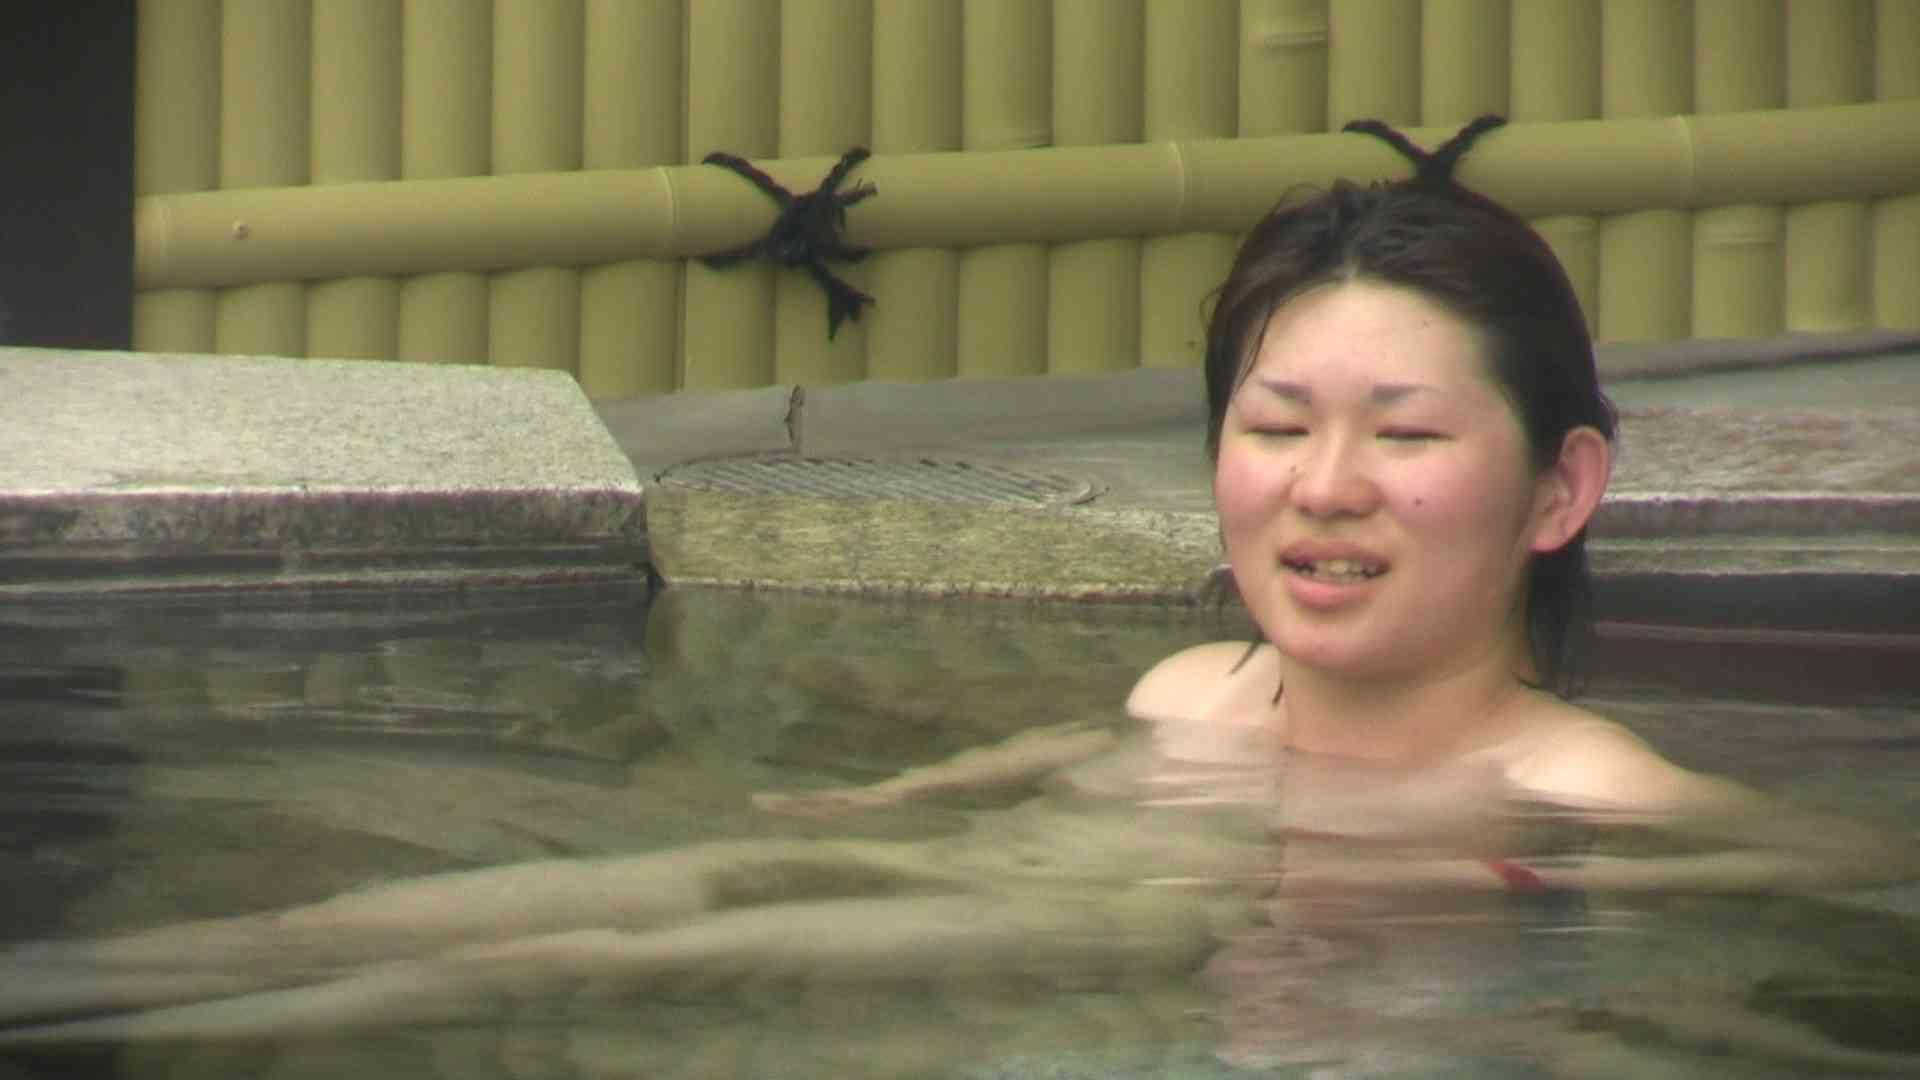 Aquaな露天風呂Vol.673 OLエロ画像 | 盗撮  104PICs 79